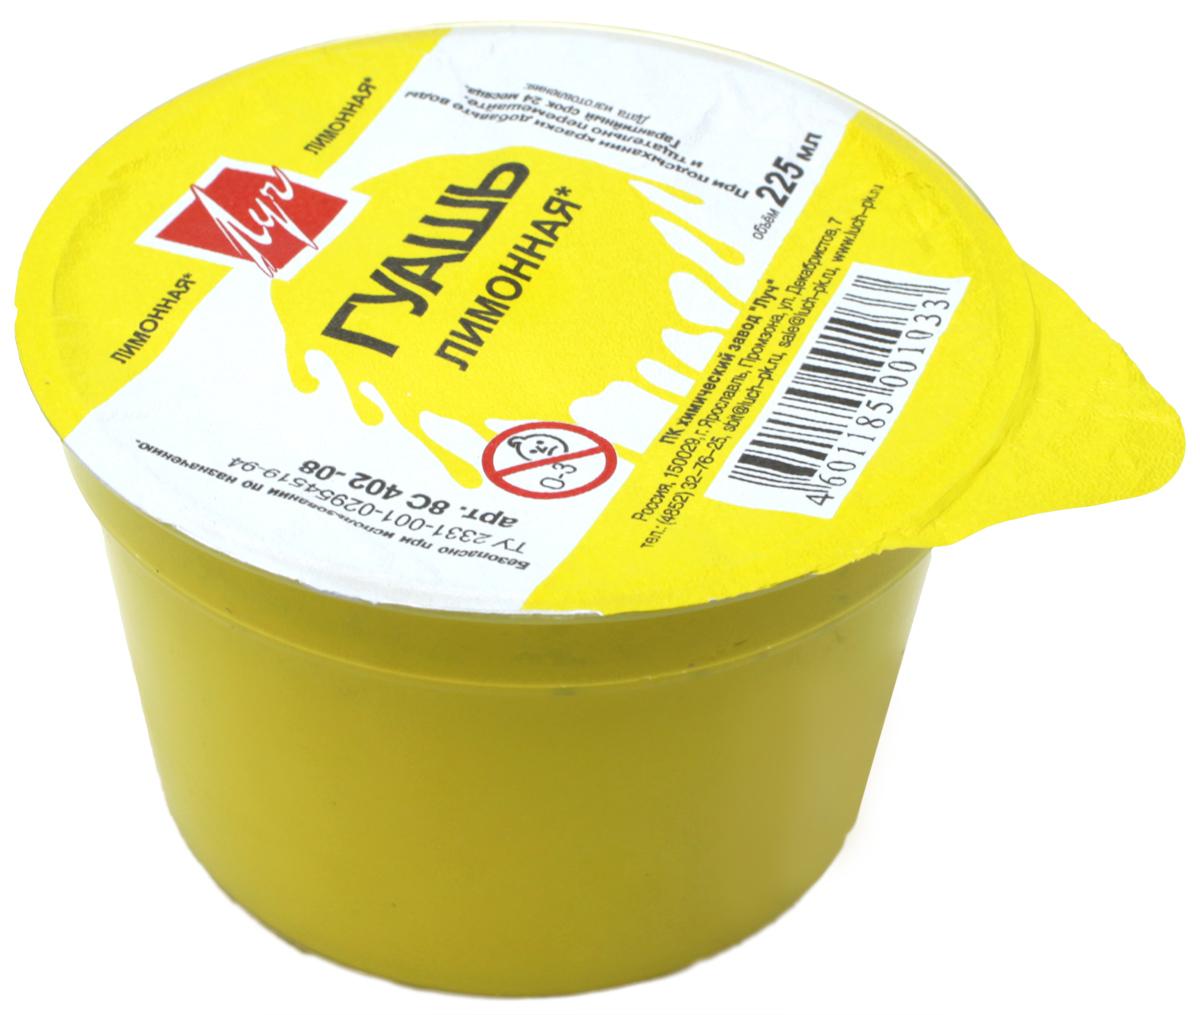 Луч Гуашь цвет лимонный 225 млFP-14Гуашевая краска идеальна для живописных, декоративных работ и графики. Она легко наносится на бумагу, картон и грунтованный холст. При высыхании приобретает бархатистую поверхность и легко размывается водой. Прозрачная, водоразбавляемая, быстро сохнет.Масса: 320 г.